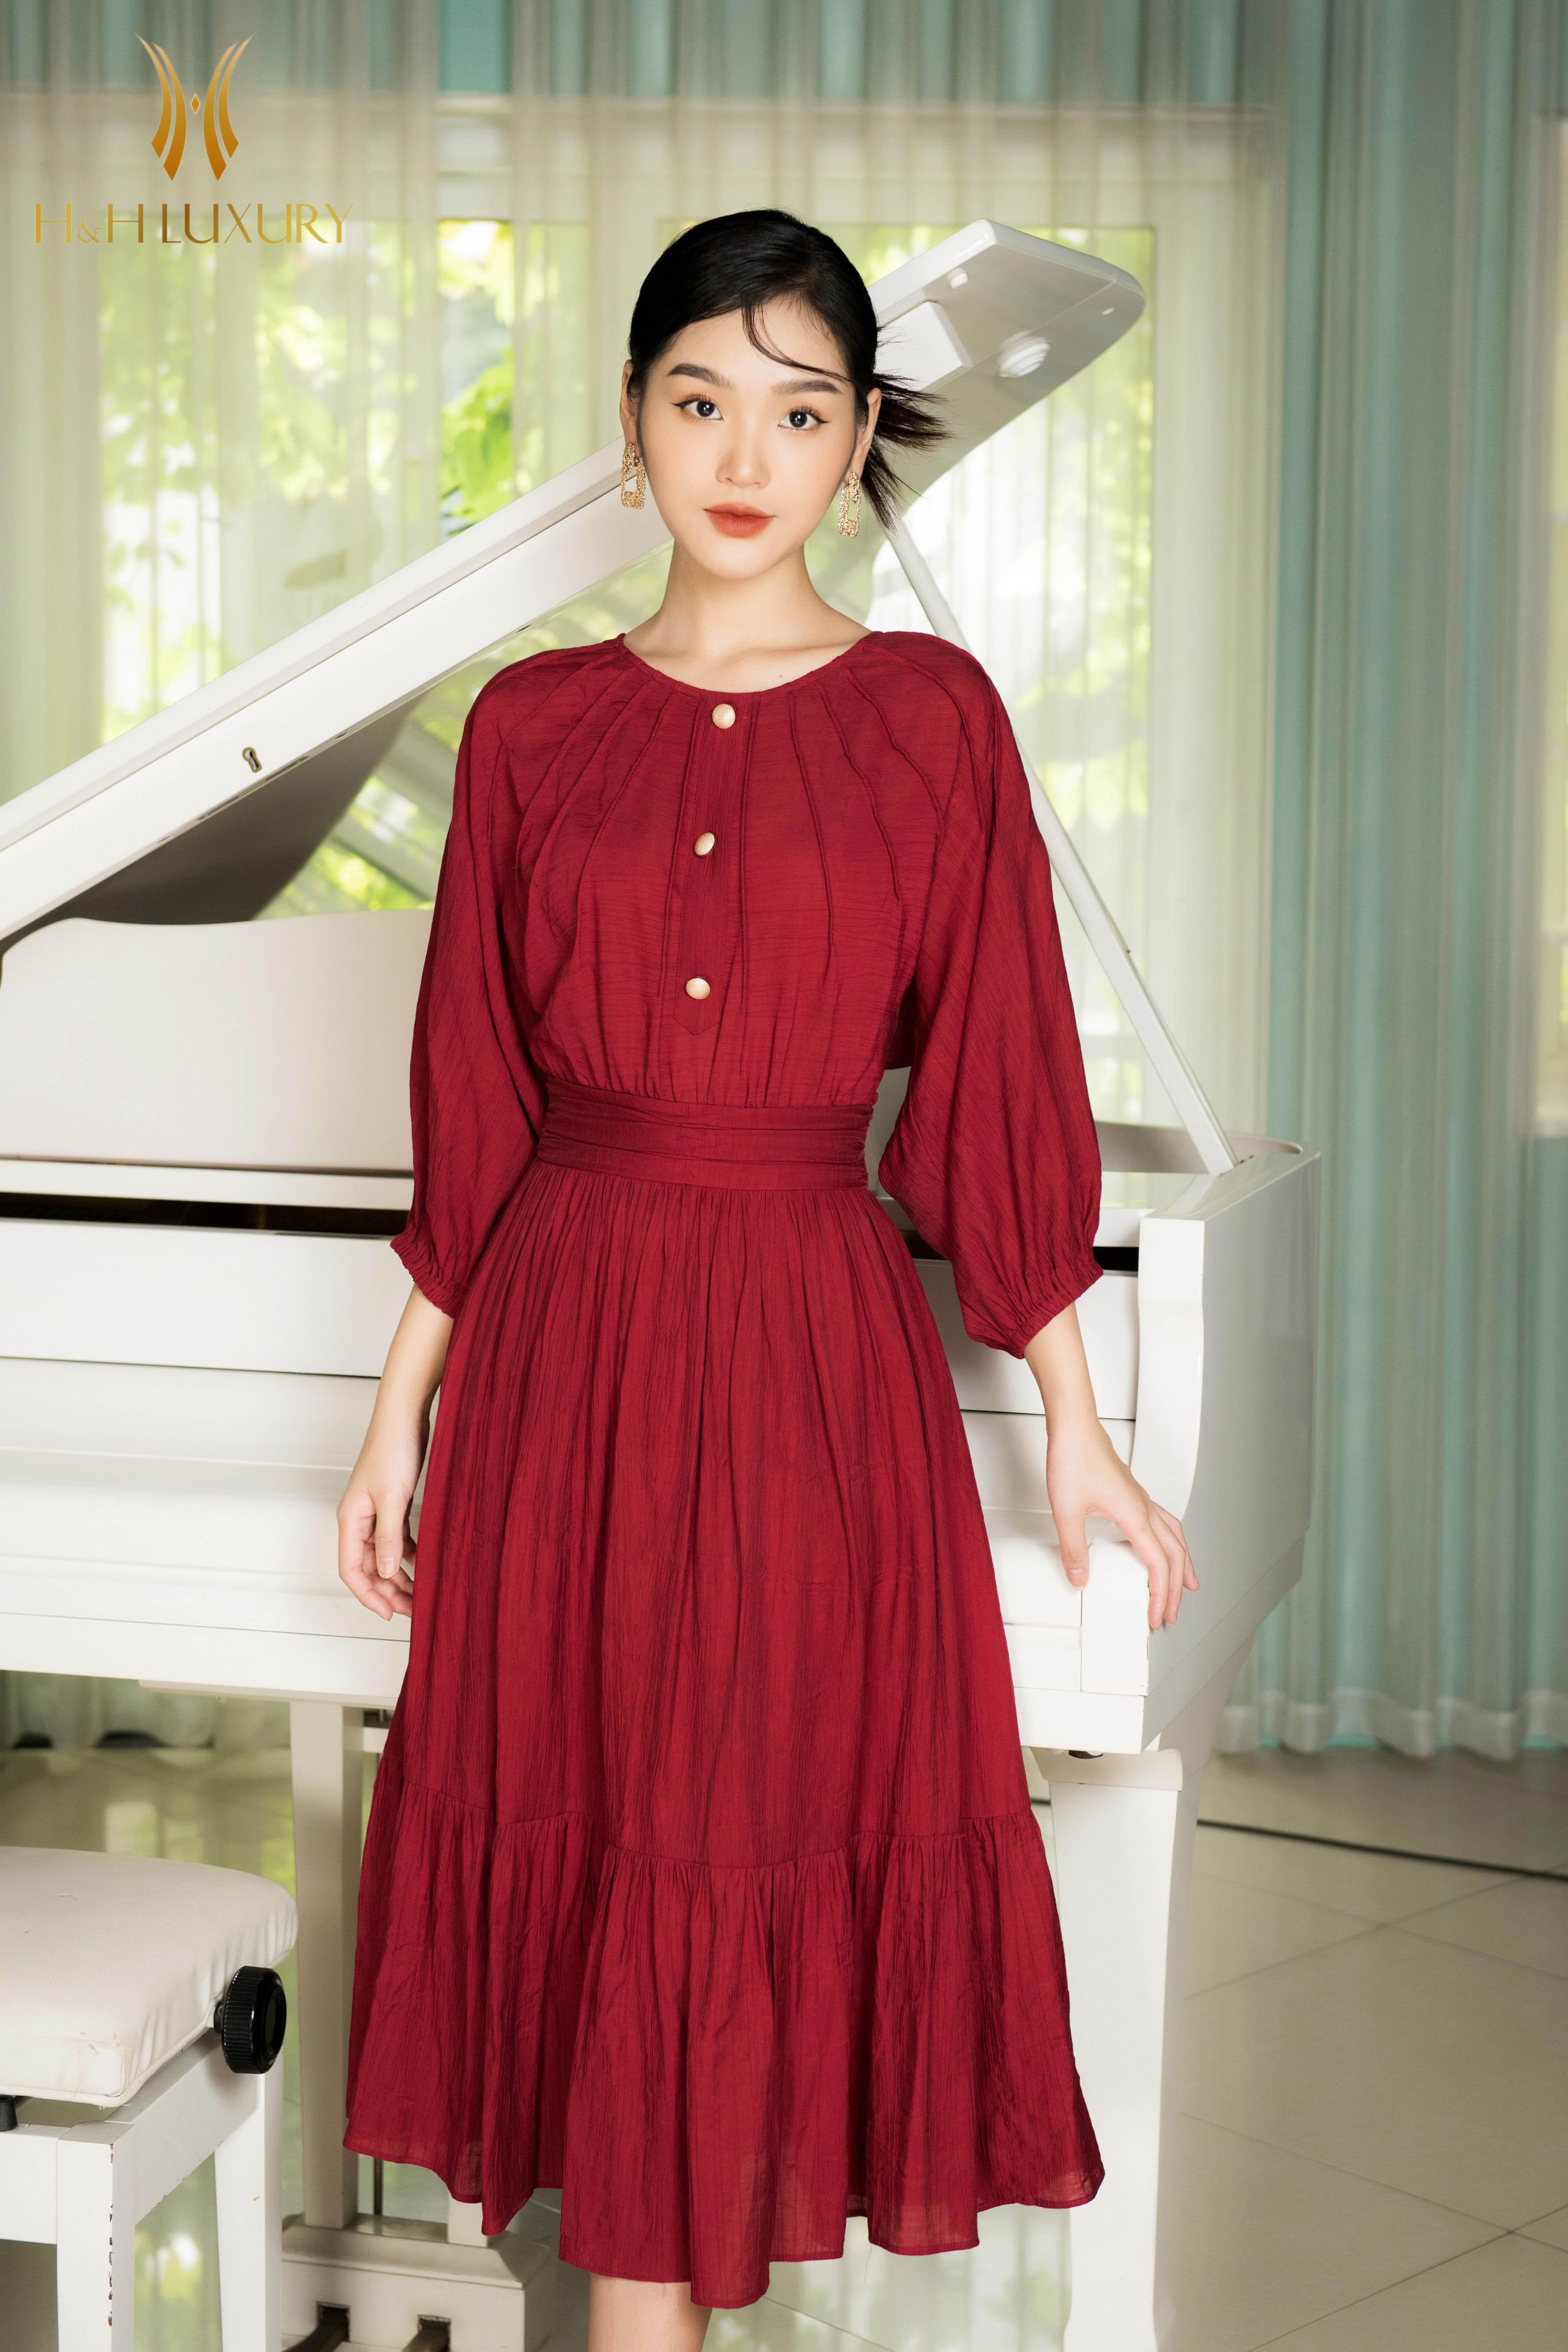 Đầm đỏ xòe cổ tròn tay lỡ đính cúc